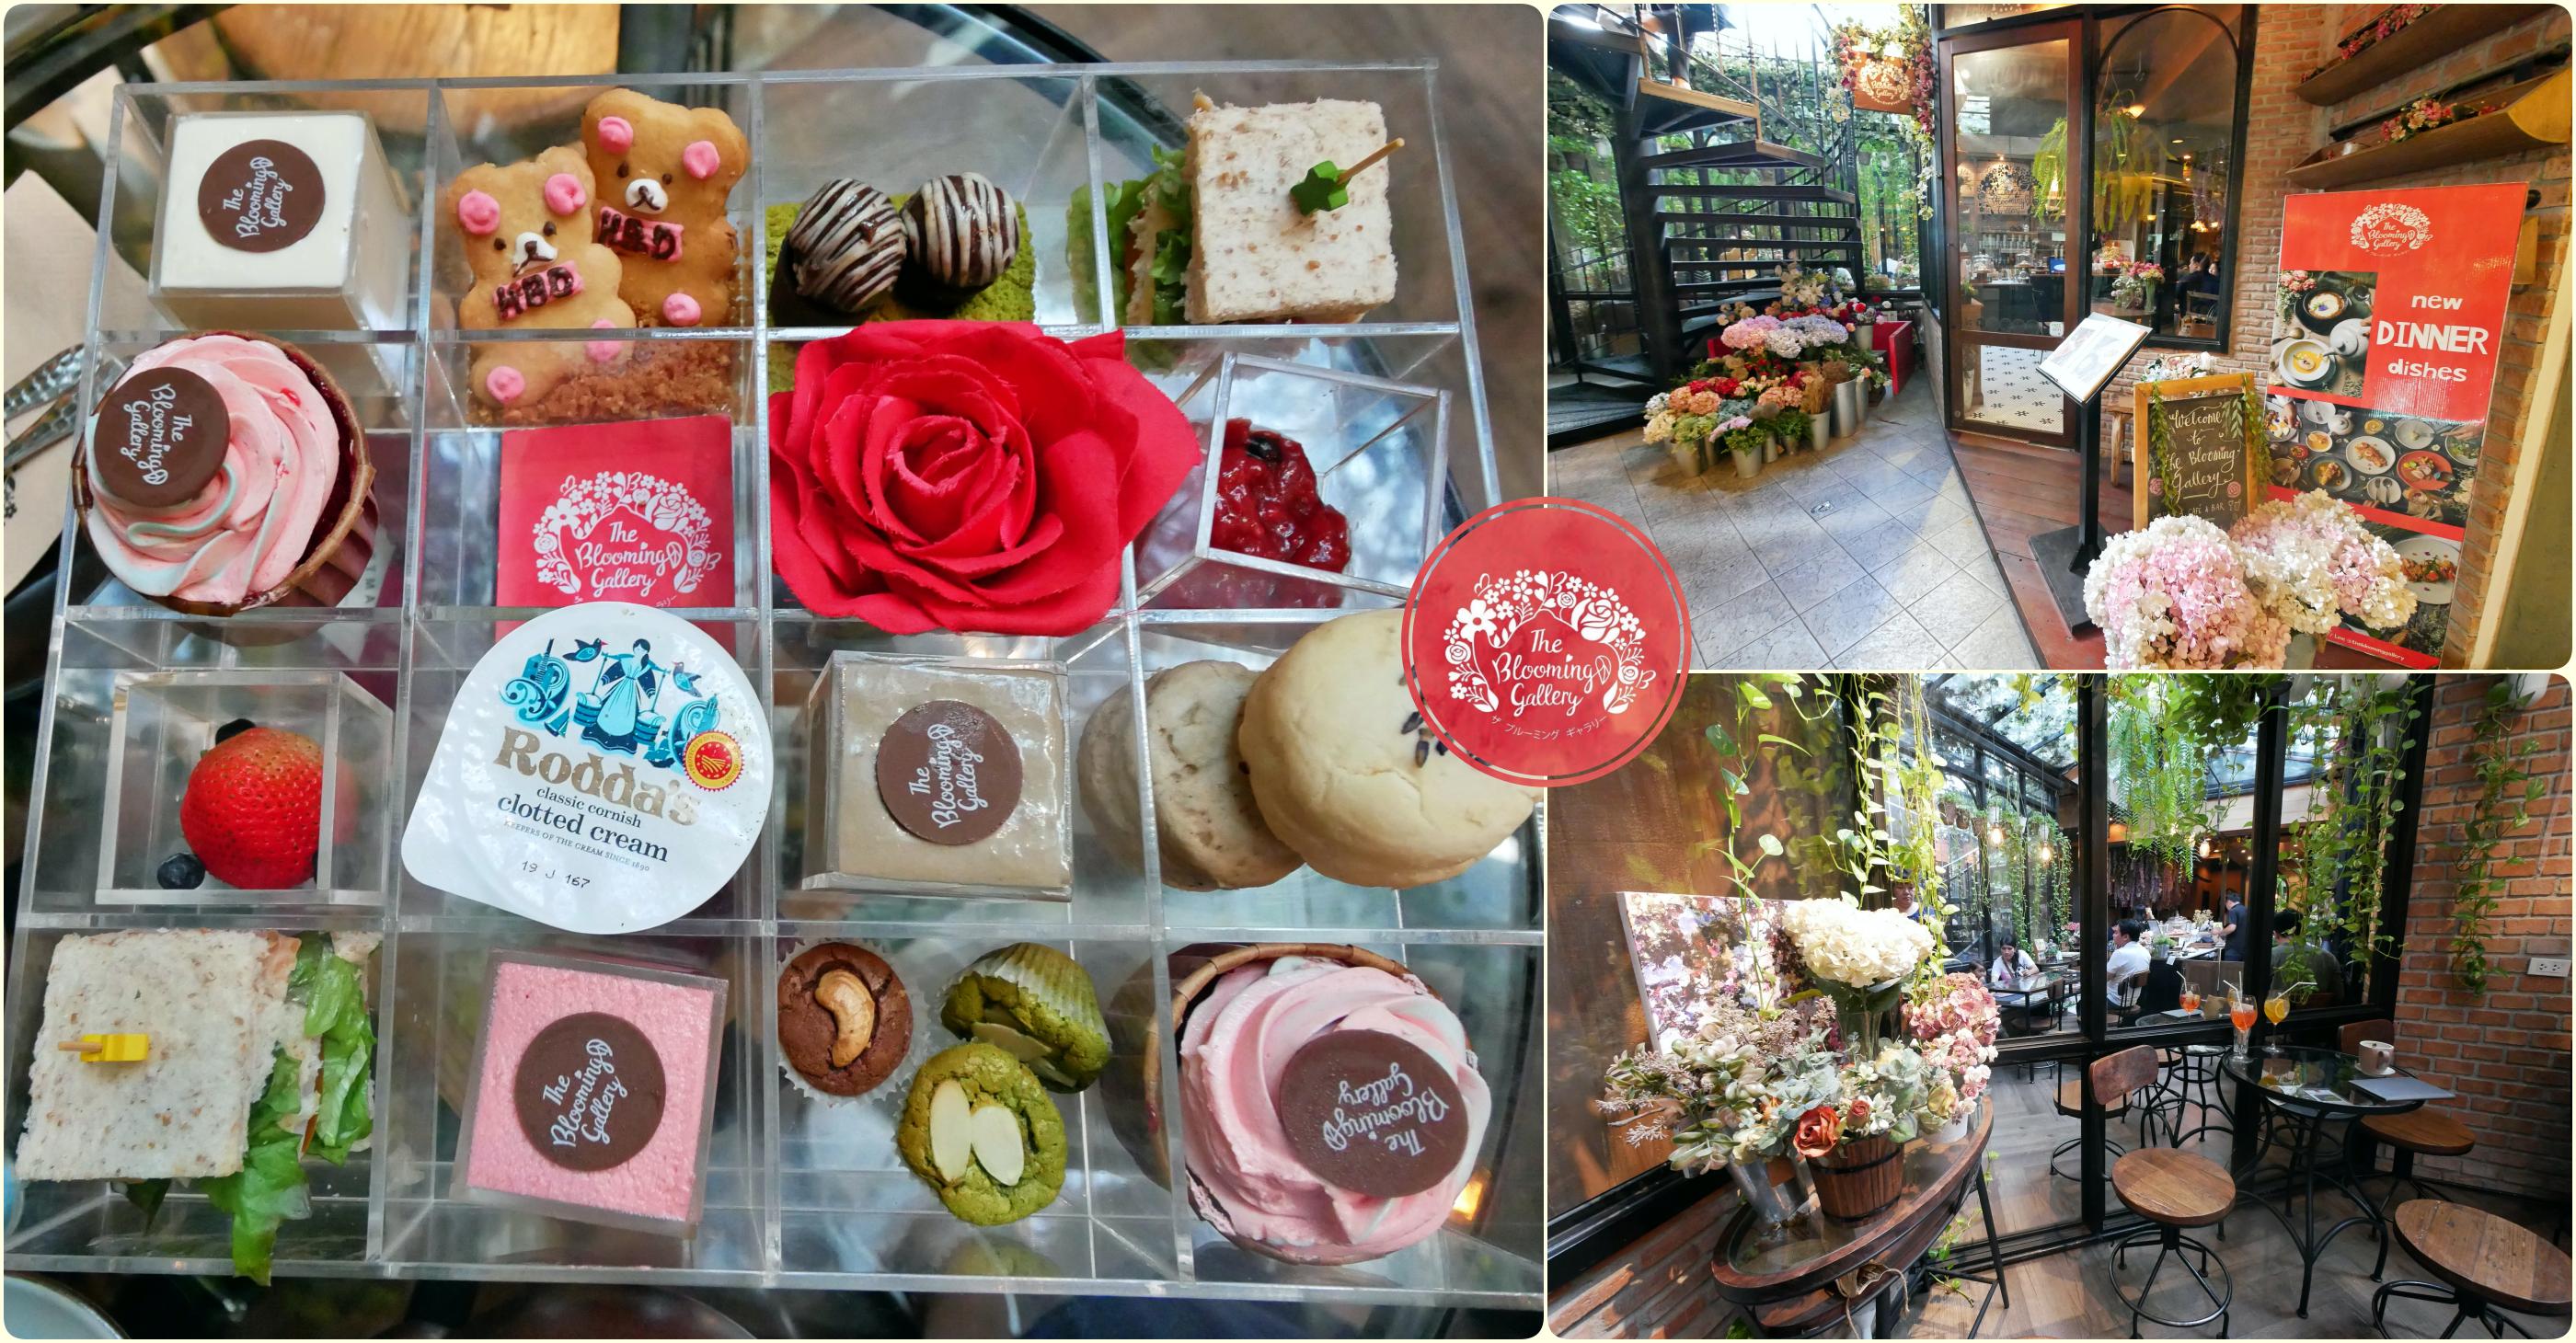 [曼谷美食]The Blooming Gallery|都市叢林裡的透明玻璃屋小花園~植物與花朵圍繞.IG網美打卡店 @VIVIYU小世界